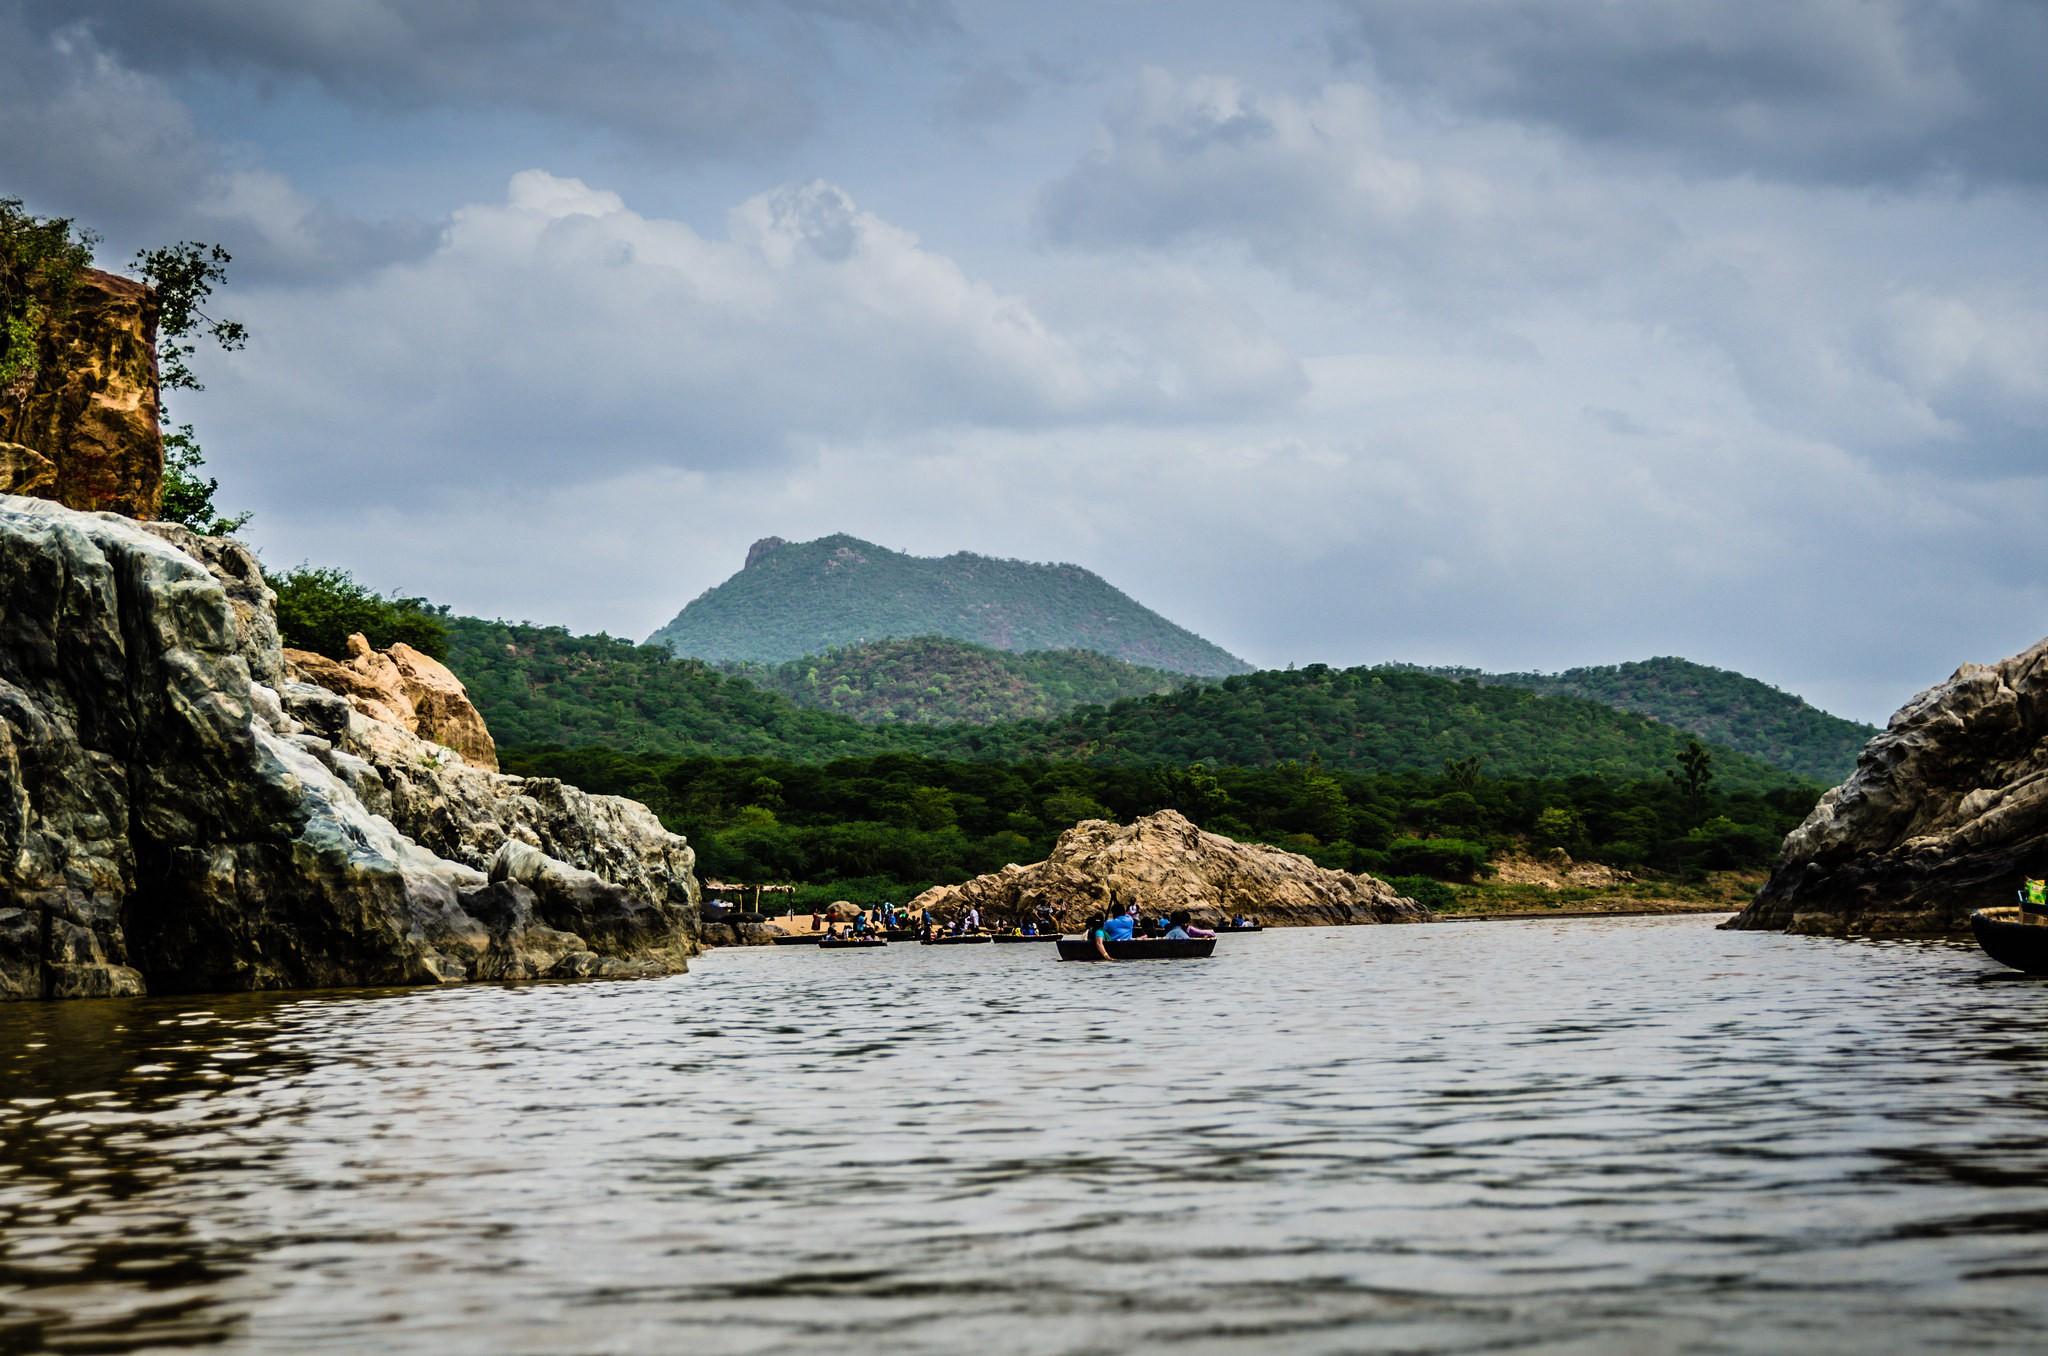 Boating at Hogenakkal Falls | © Ashwin Kumar / Flickr